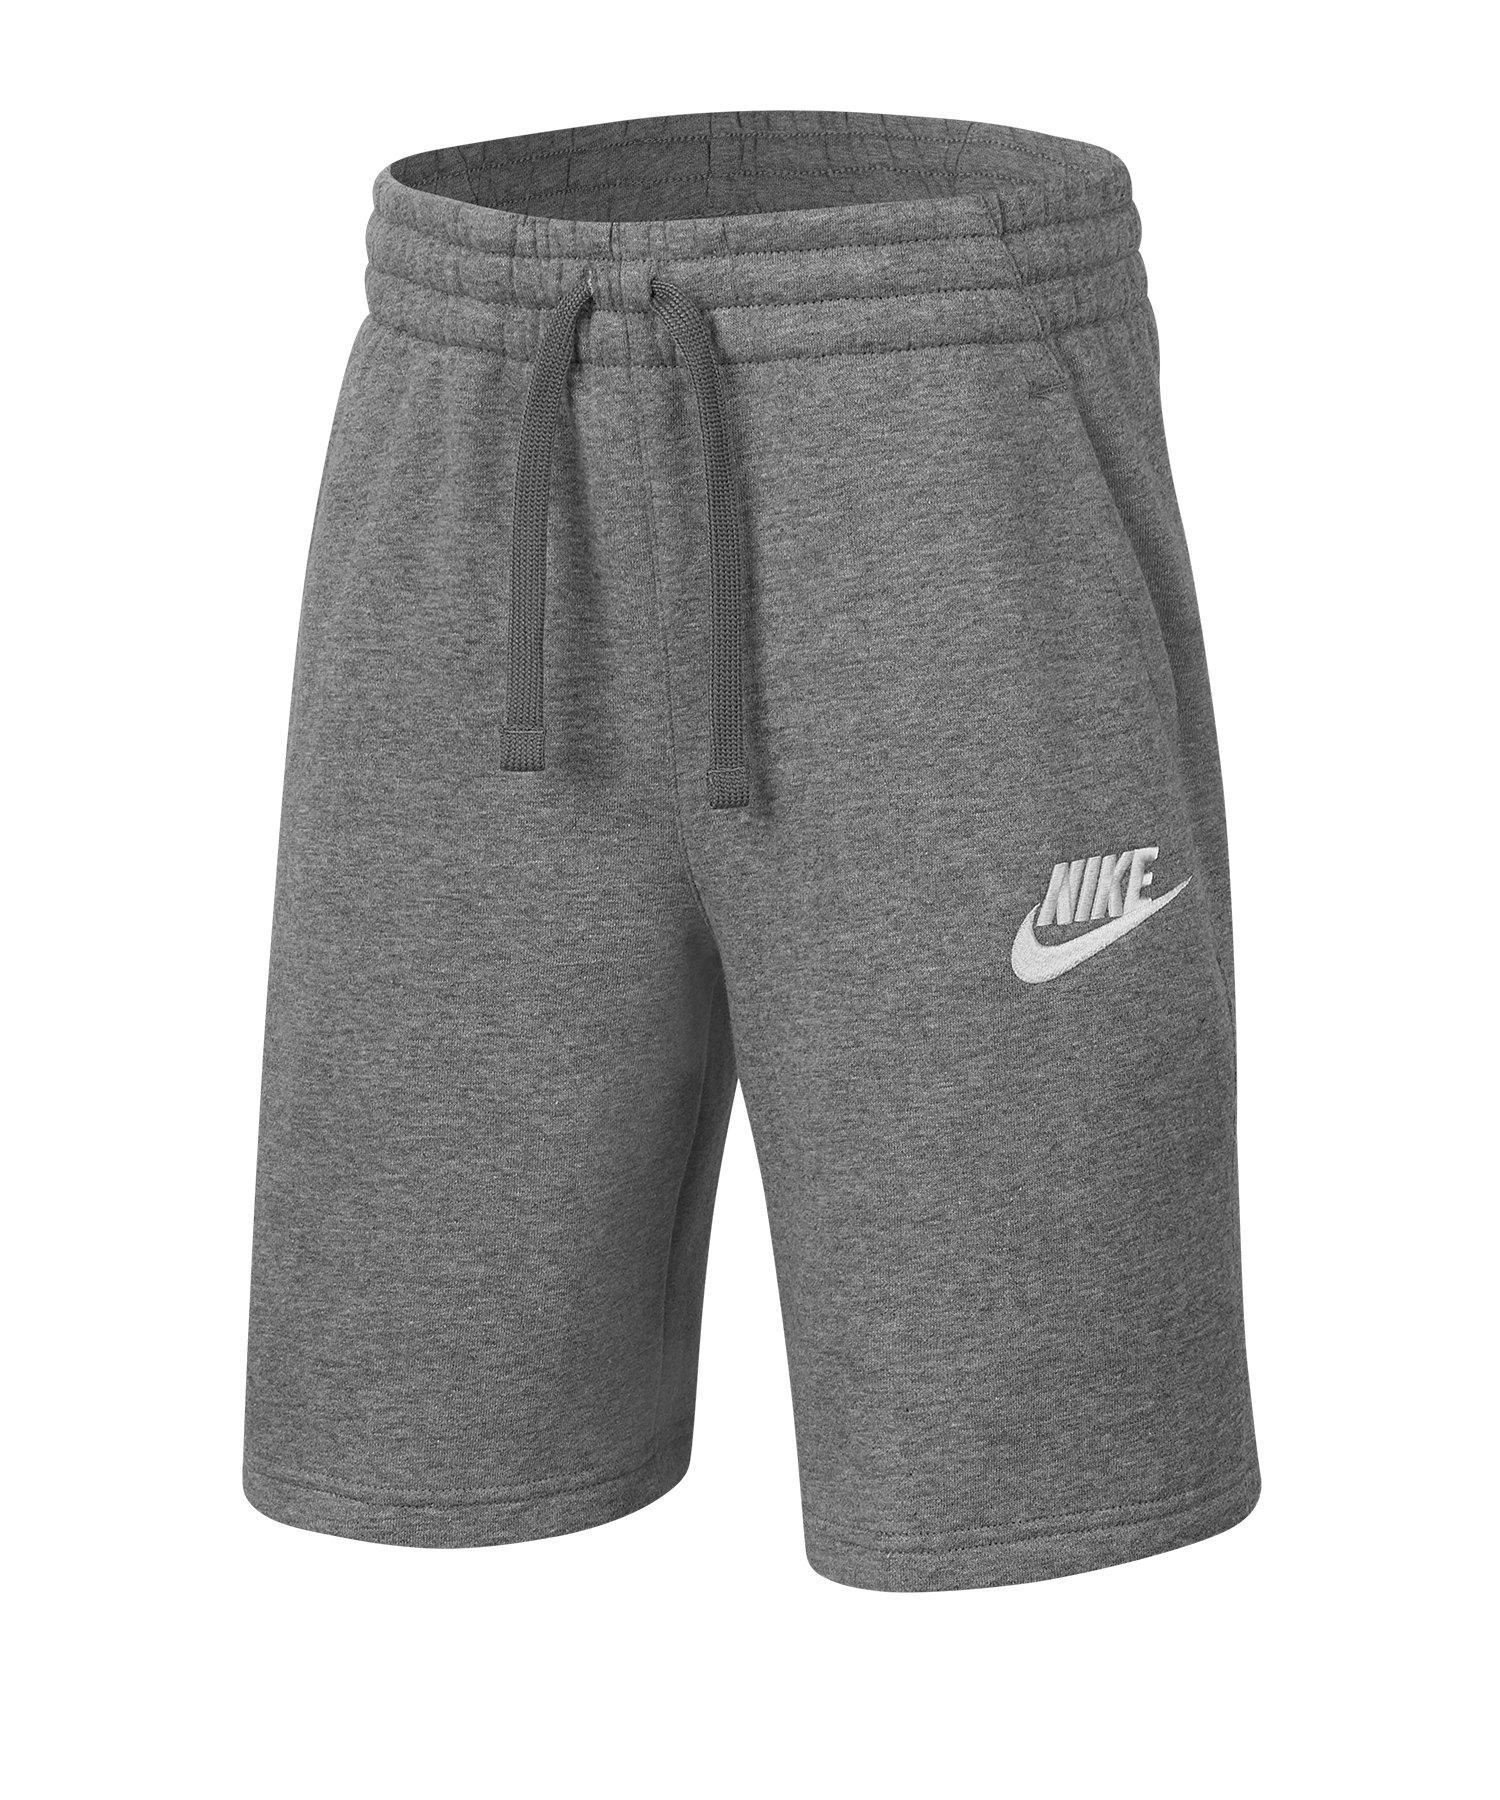 Nike Club Fleece Short Grau F091 - grau